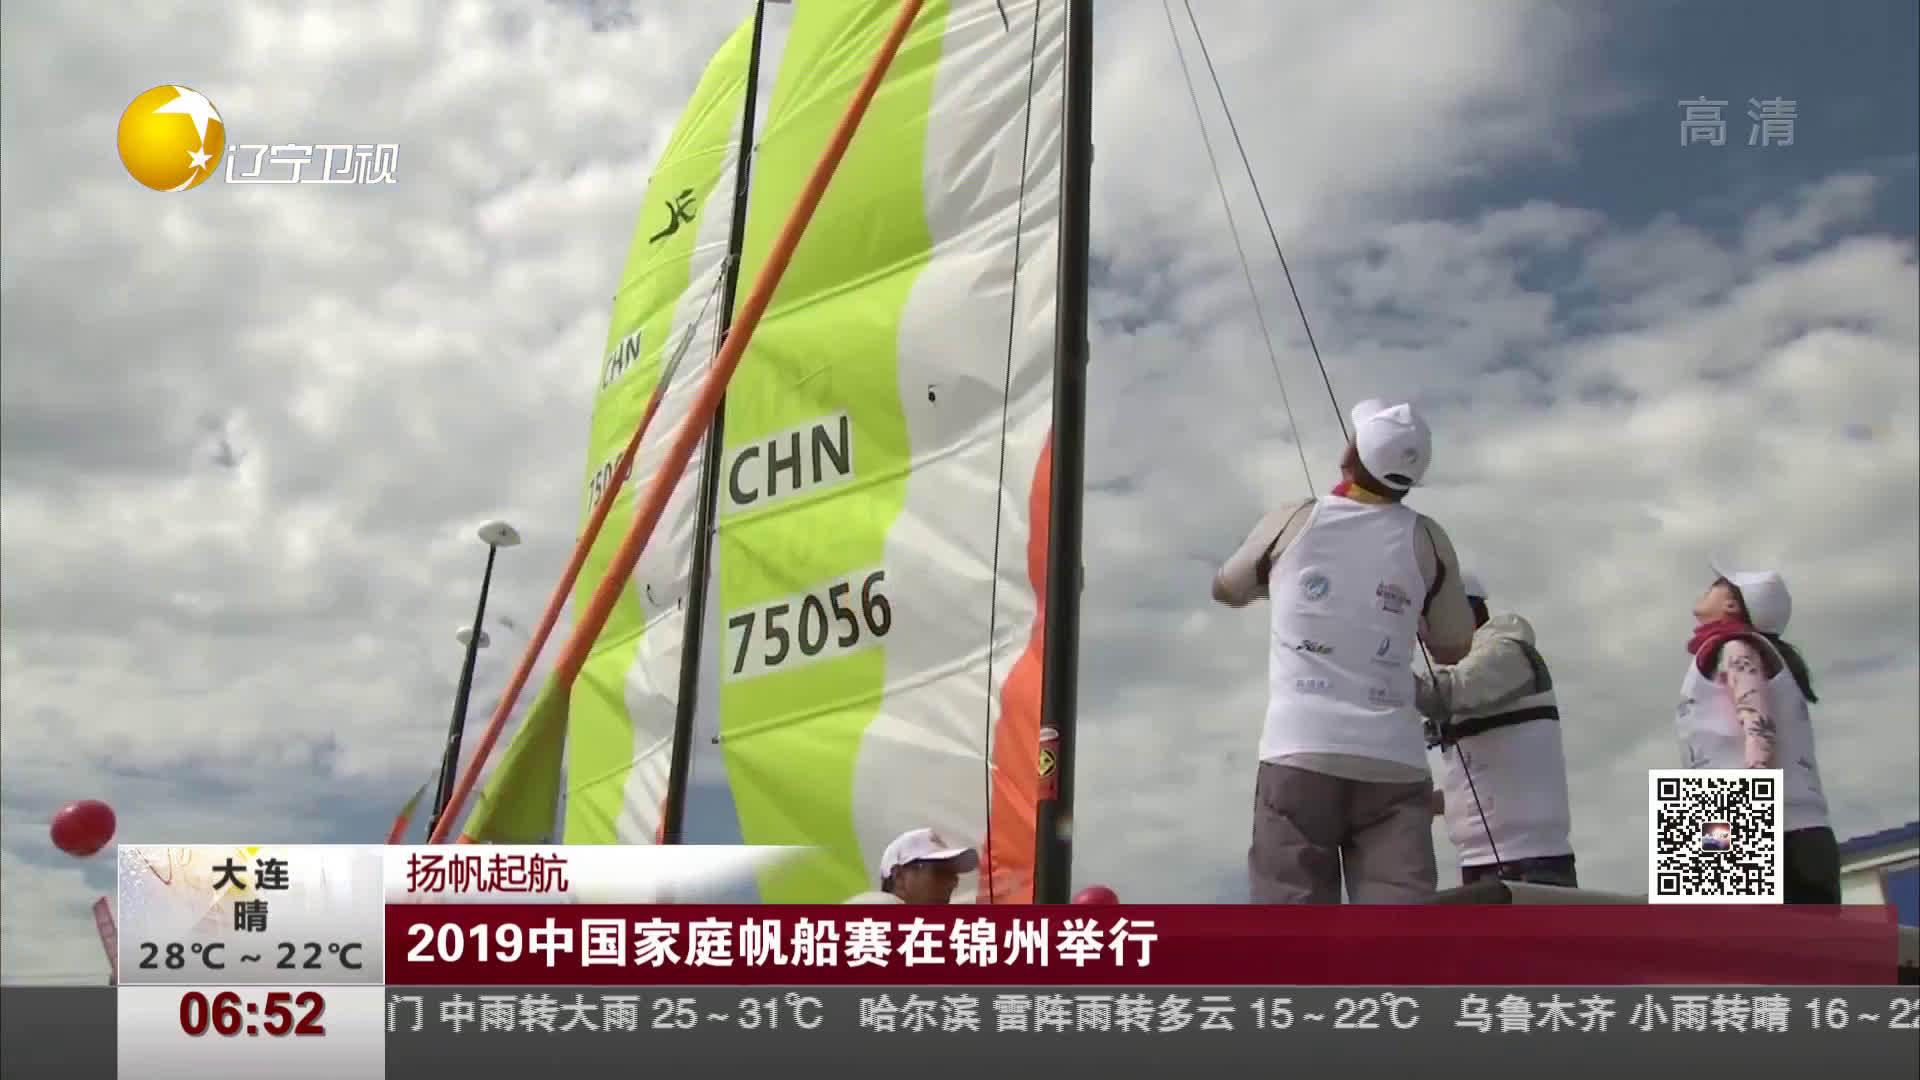 2019中国家庭帆船赛在锦州举行